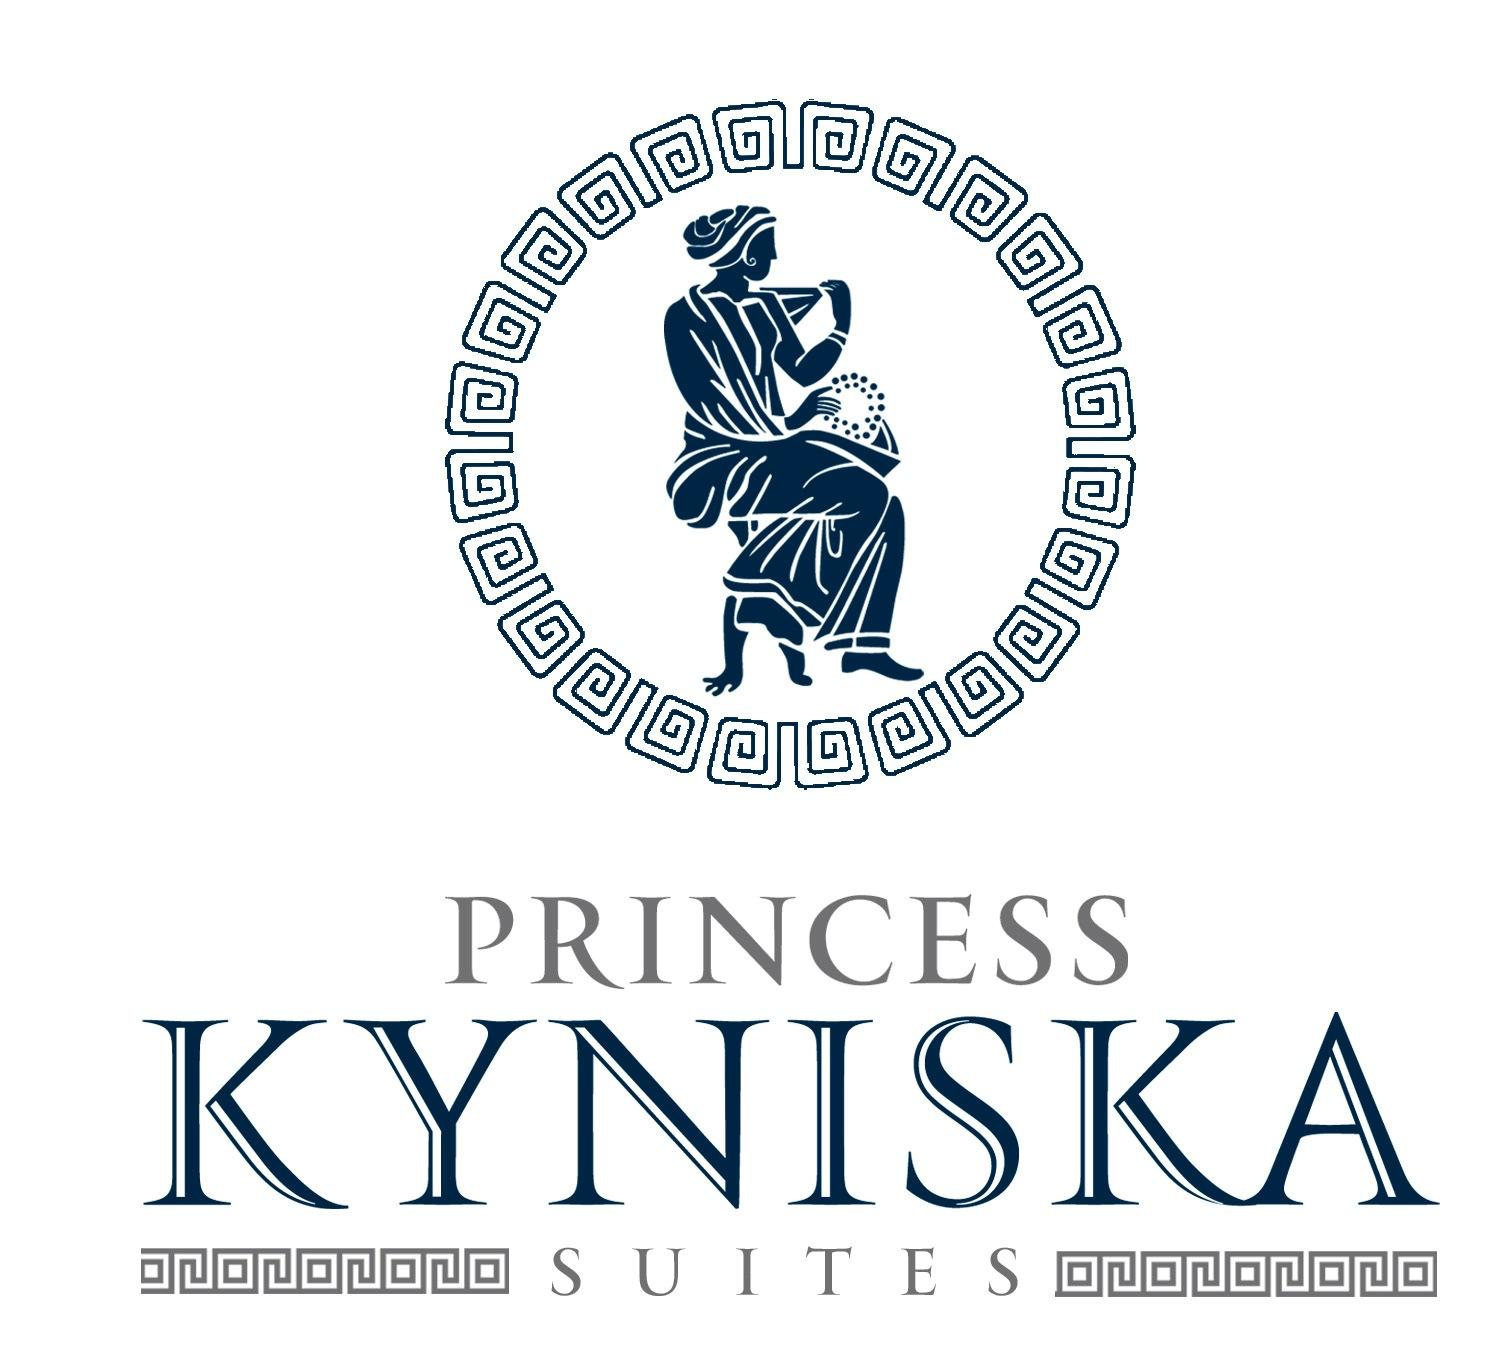 PRINCESS KYNISKA SUITES